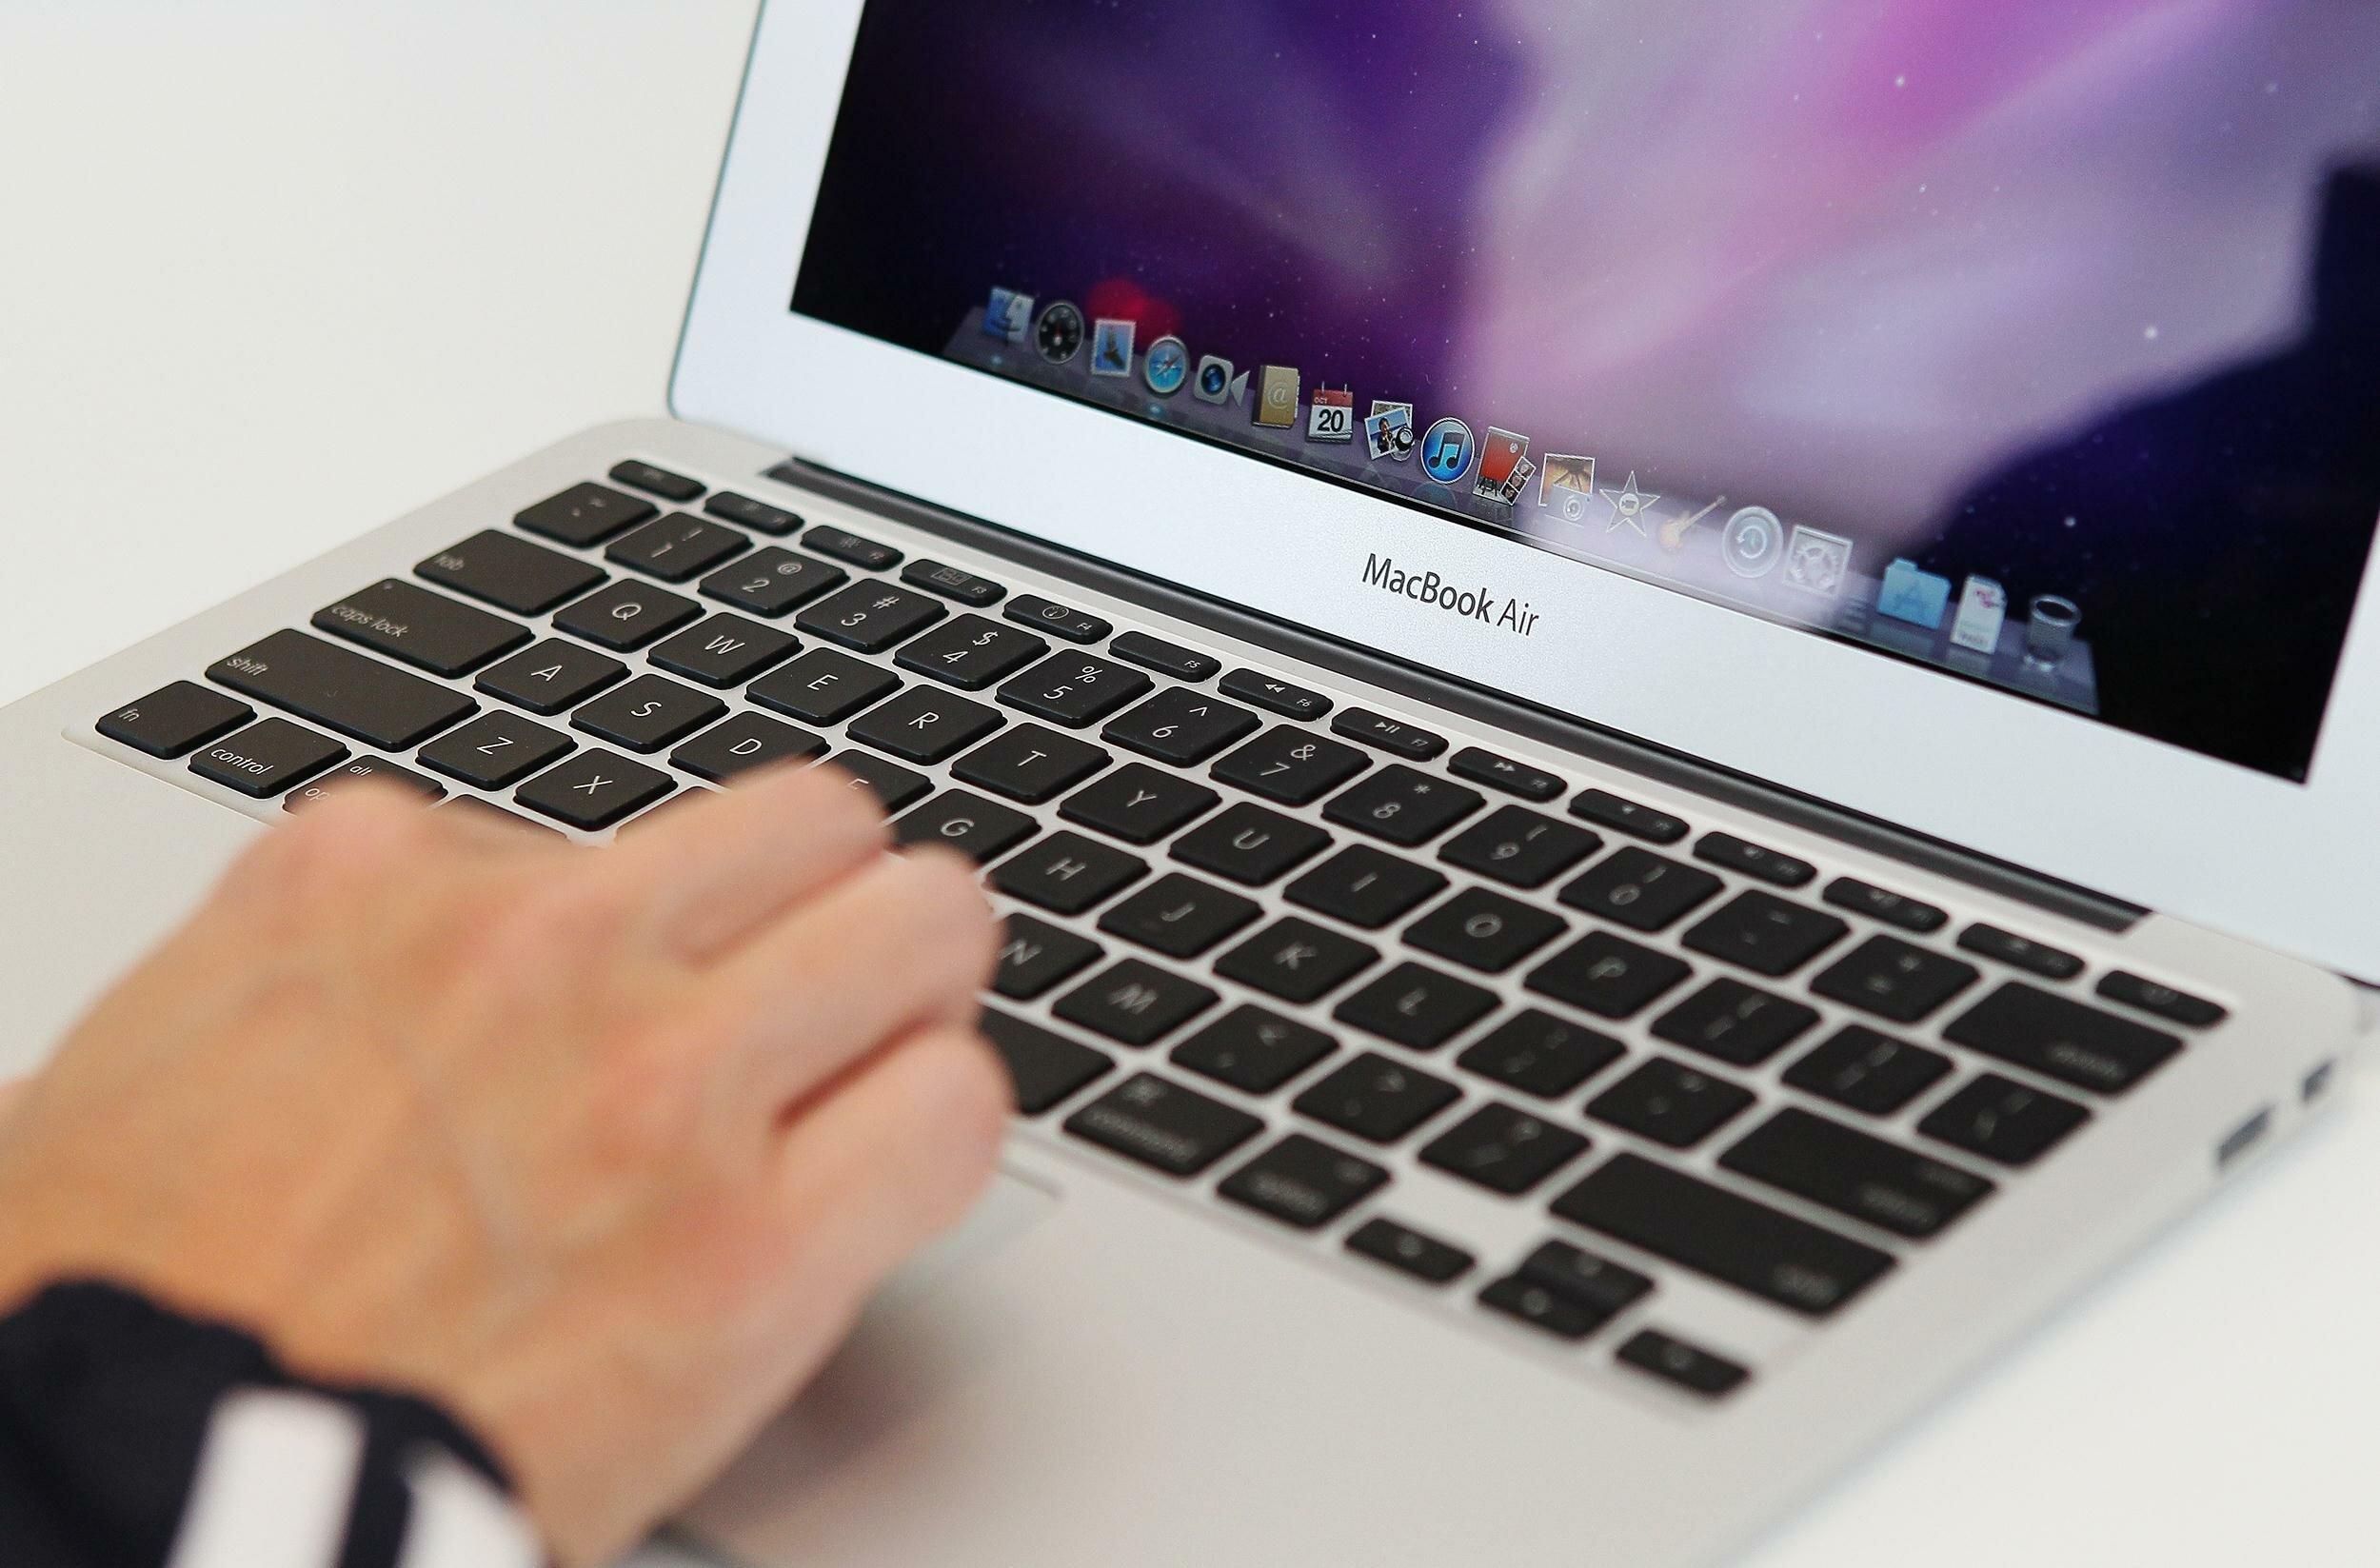 Где дешевле всего купить компьютеры Mac: апрель 2015